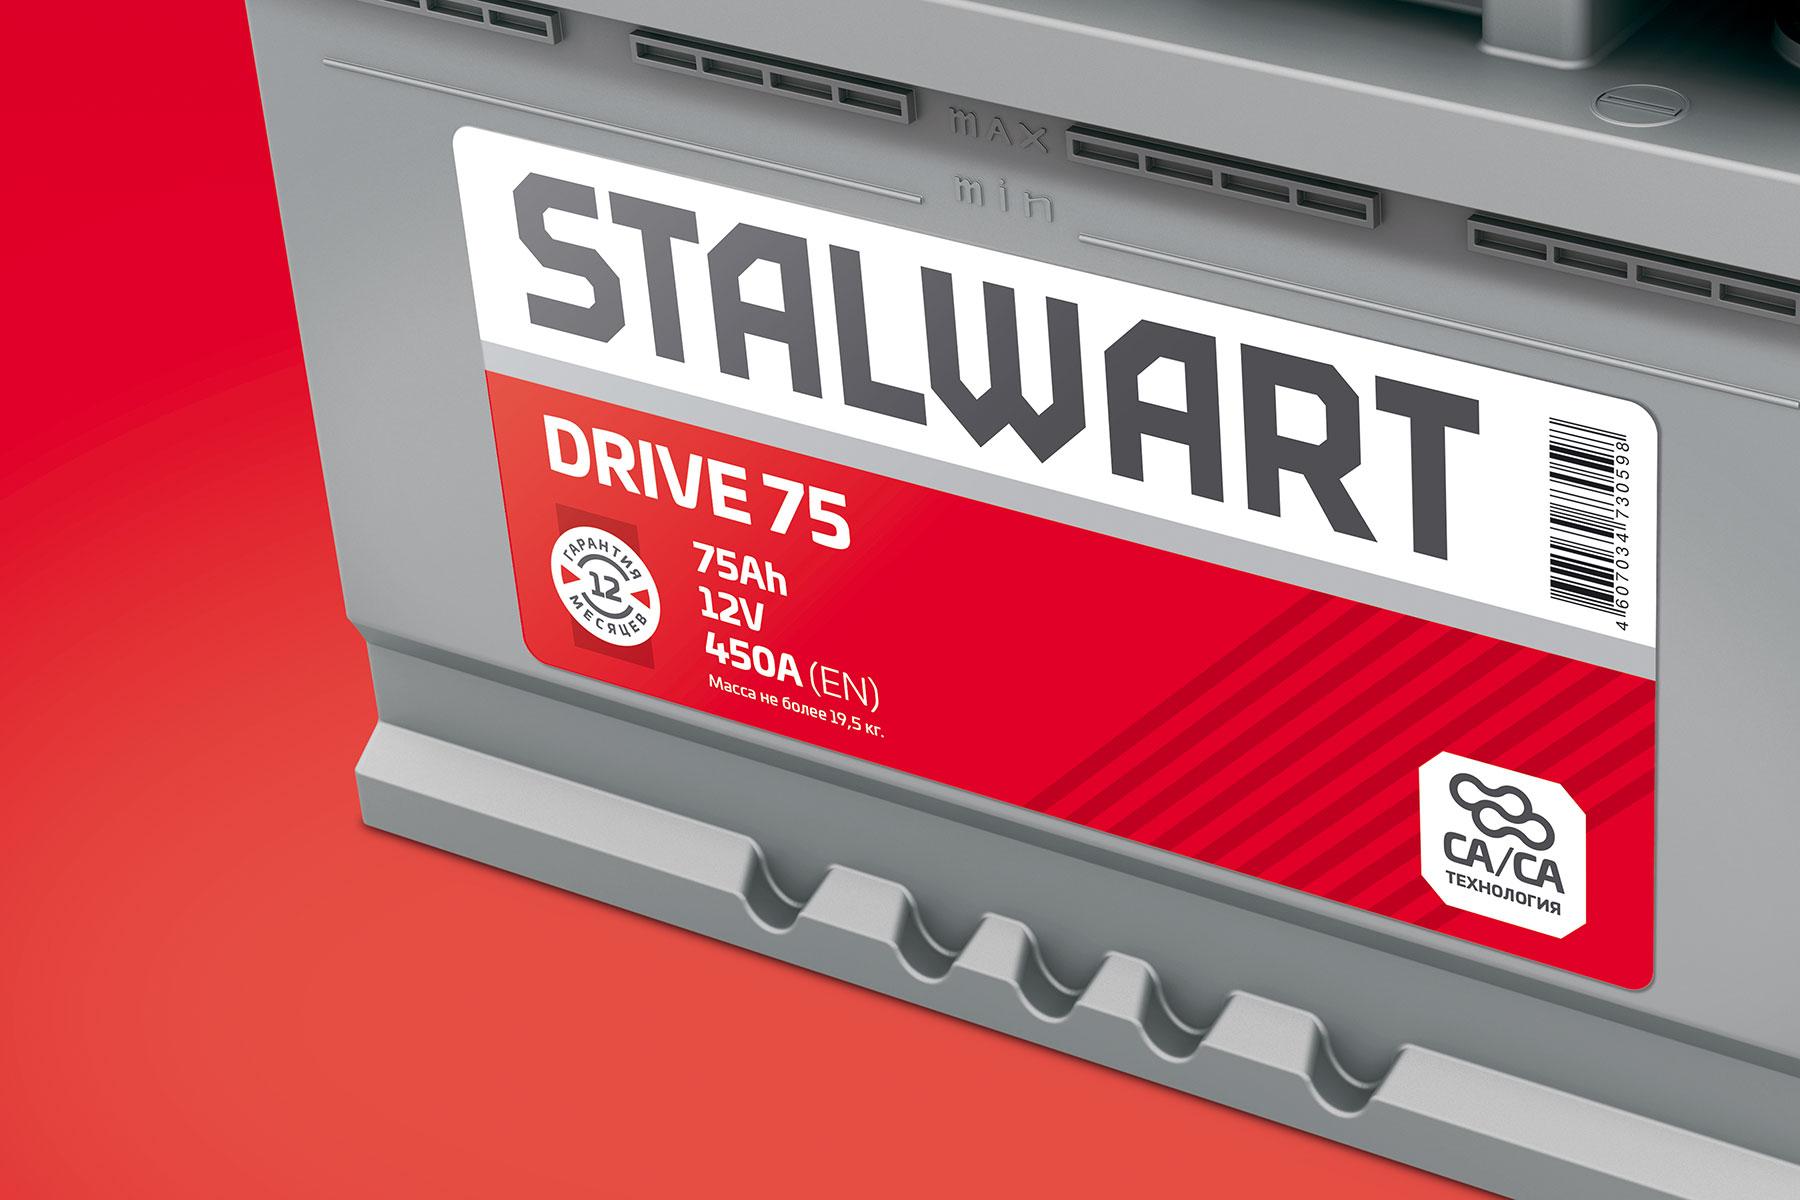 Stalwart-4-Drive-Top.jpg